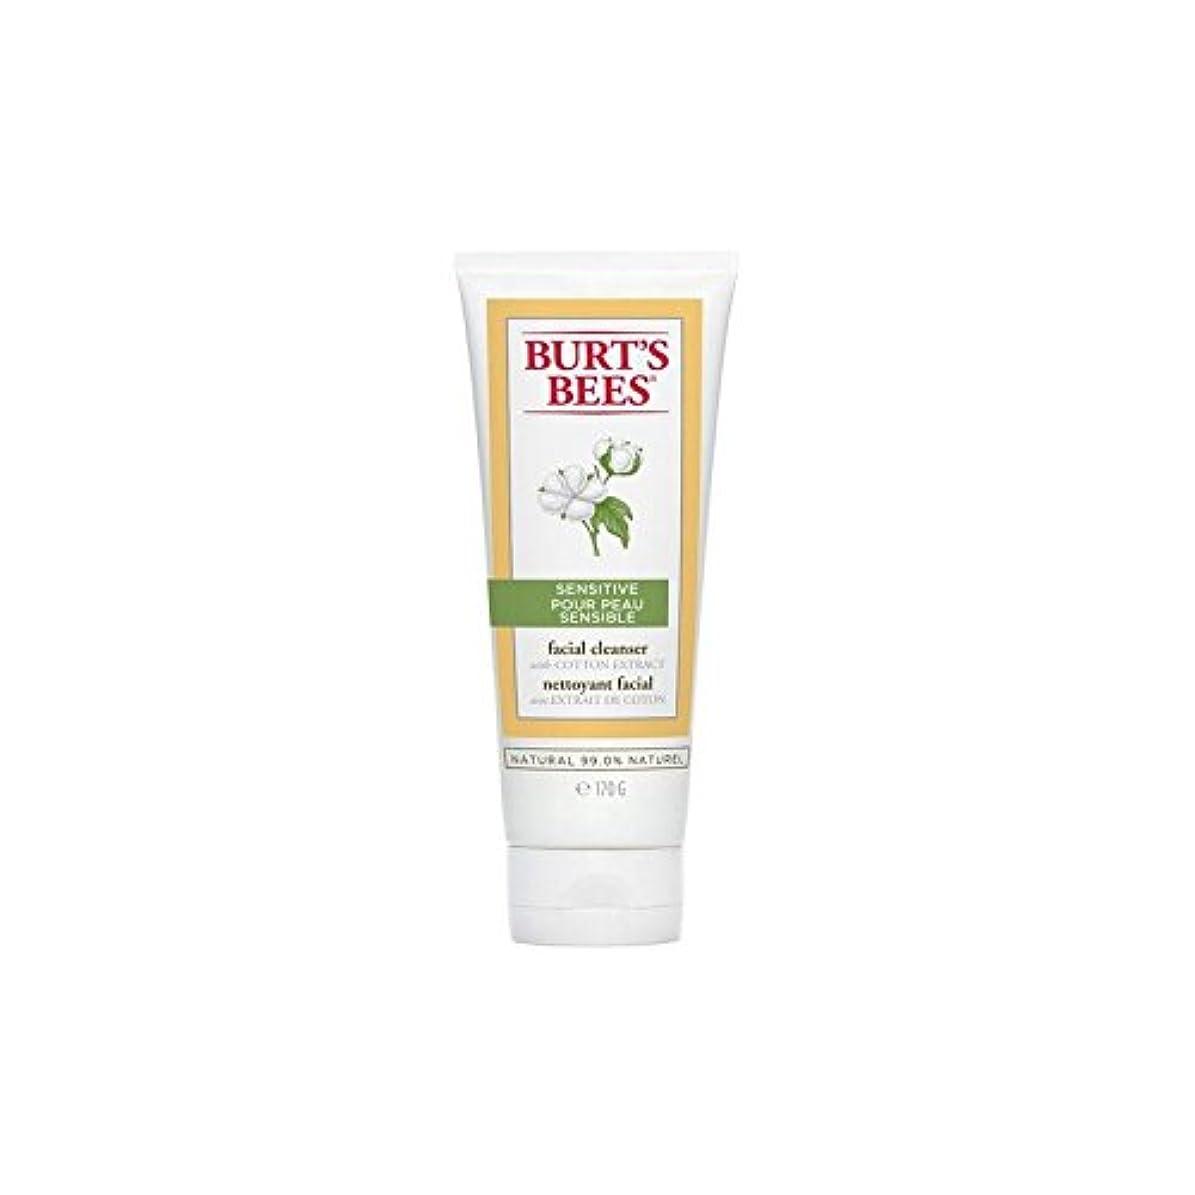 乱す未接続成分バーツビー敏感な洗顔料の170グラム x4 - Burt's Bees Sensitive Facial Cleanser 170G (Pack of 4) [並行輸入品]